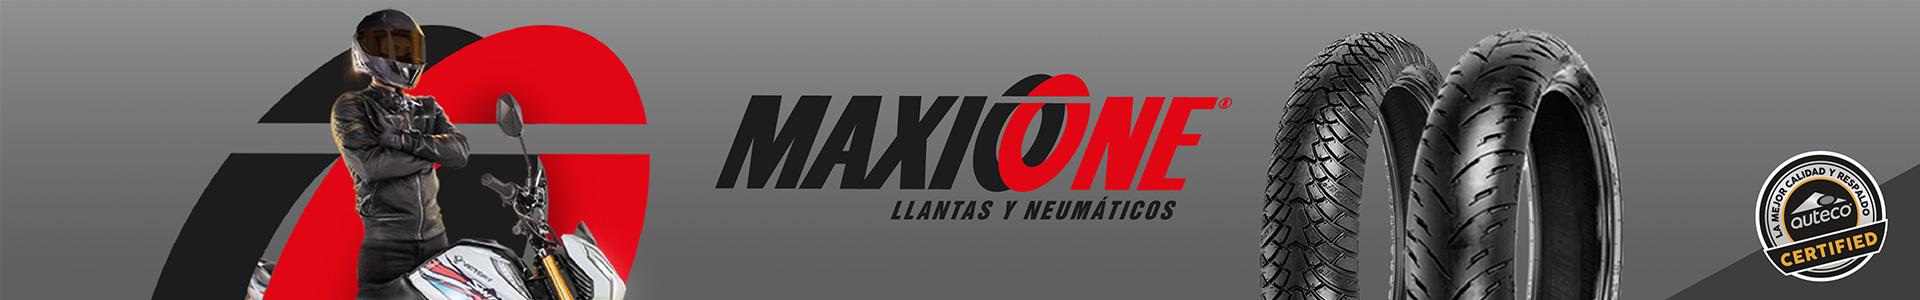 Banner Llantas Maxione